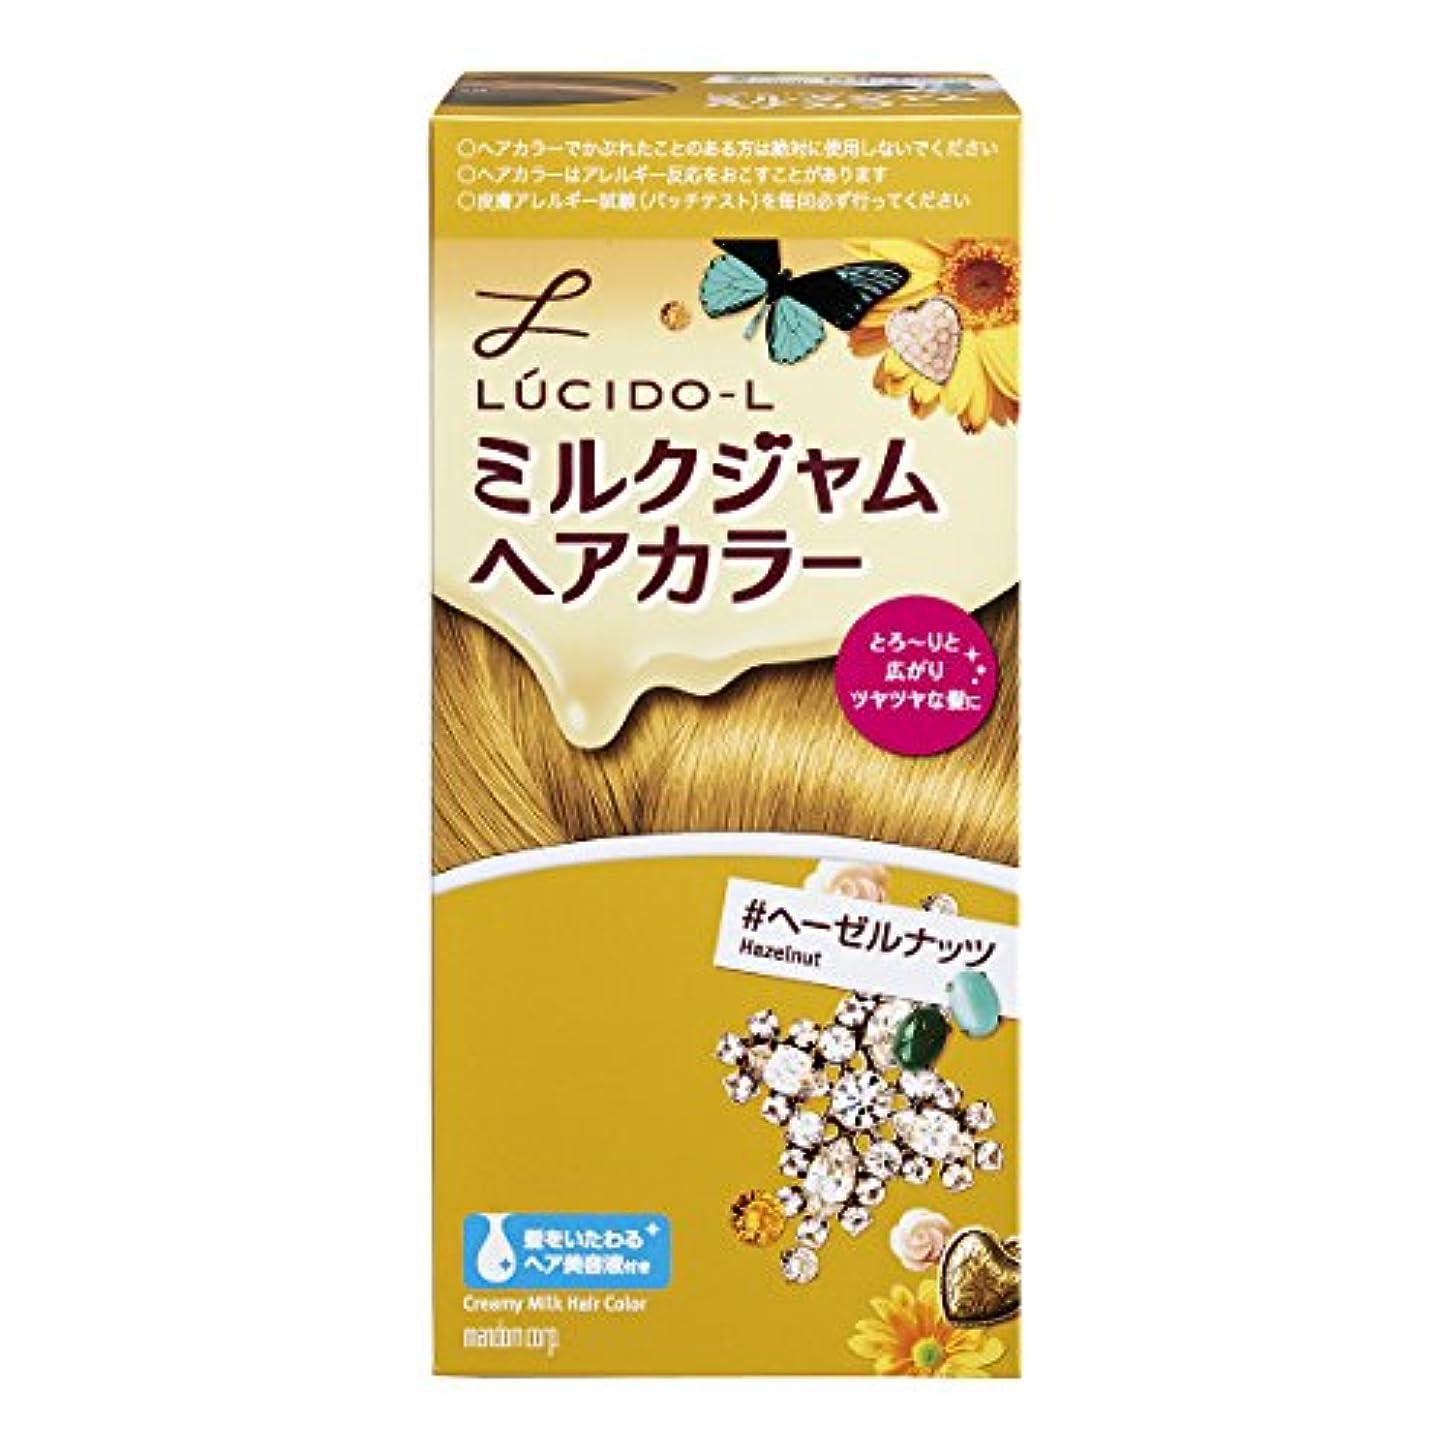 神の繁栄手伝うLUCIDO-L (ルシードエル) ミルクジャムヘアカラー #ヘーゼルナッツ (医薬部外品) (1剤40g 2剤80mL TR5g)